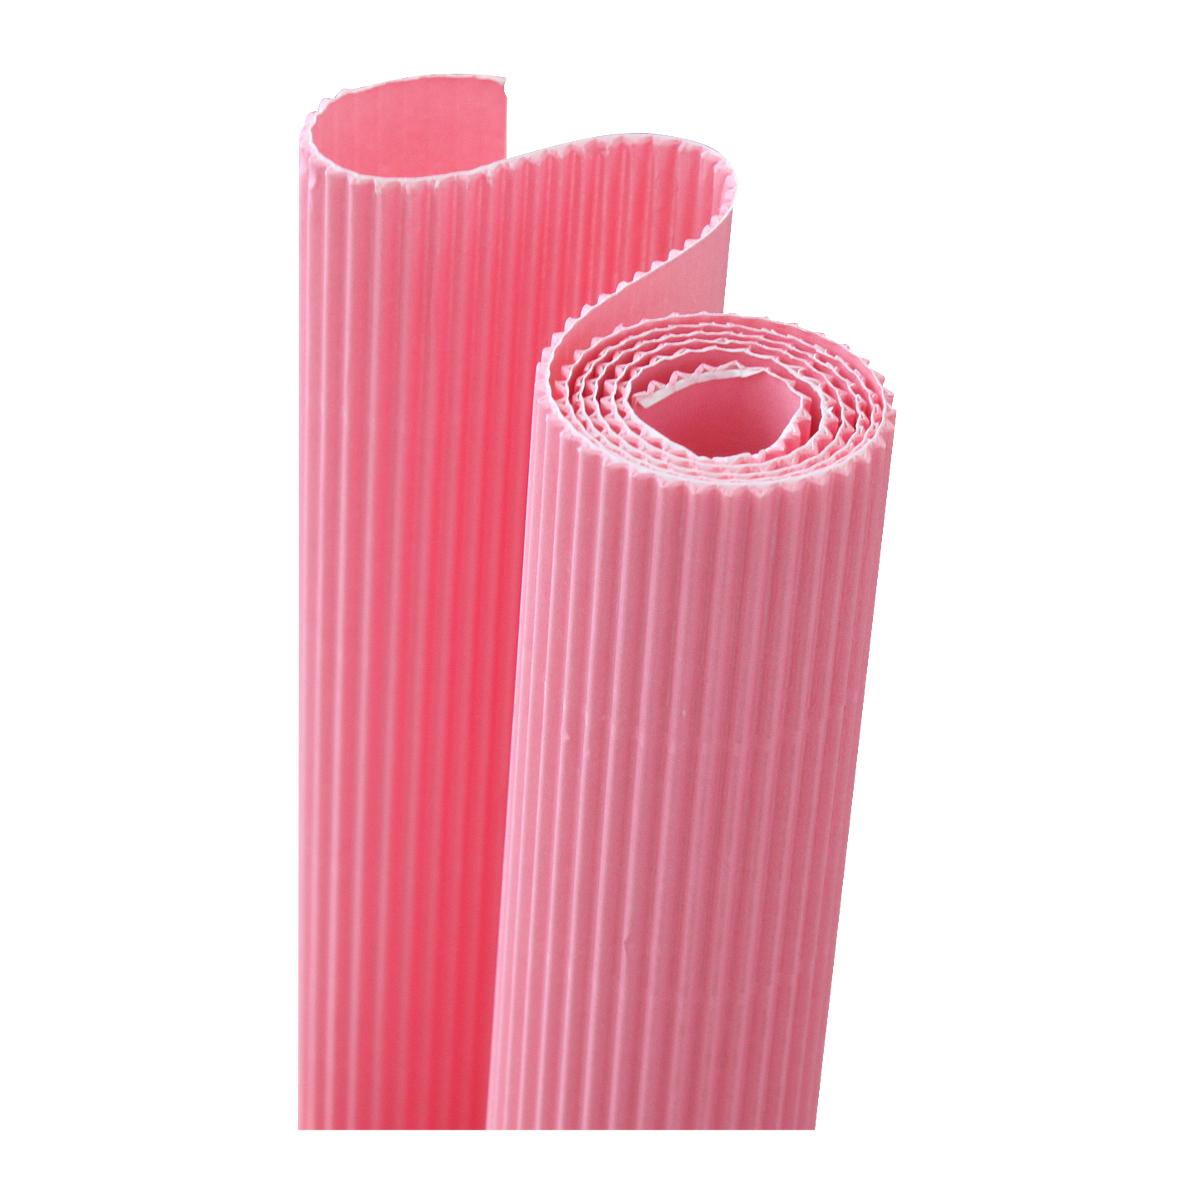 Картон гофрированный Folia, цвет: розовый, 50 х 70 см72523WDДвухслойный гофрированный картон Folia в основном применяется для декорирования. Он состоит из одного слоя плоского картона и слоя бумаги, имеющую волнообразную (гофрированную) форму. Отличается малым весом и высокими физическими параметрами.Применение: для дизайнерских и оформительских работ, для декоративного детского творчества. Также такой материал хорошо зарекомендовал себя в качестве упаковочного материала.